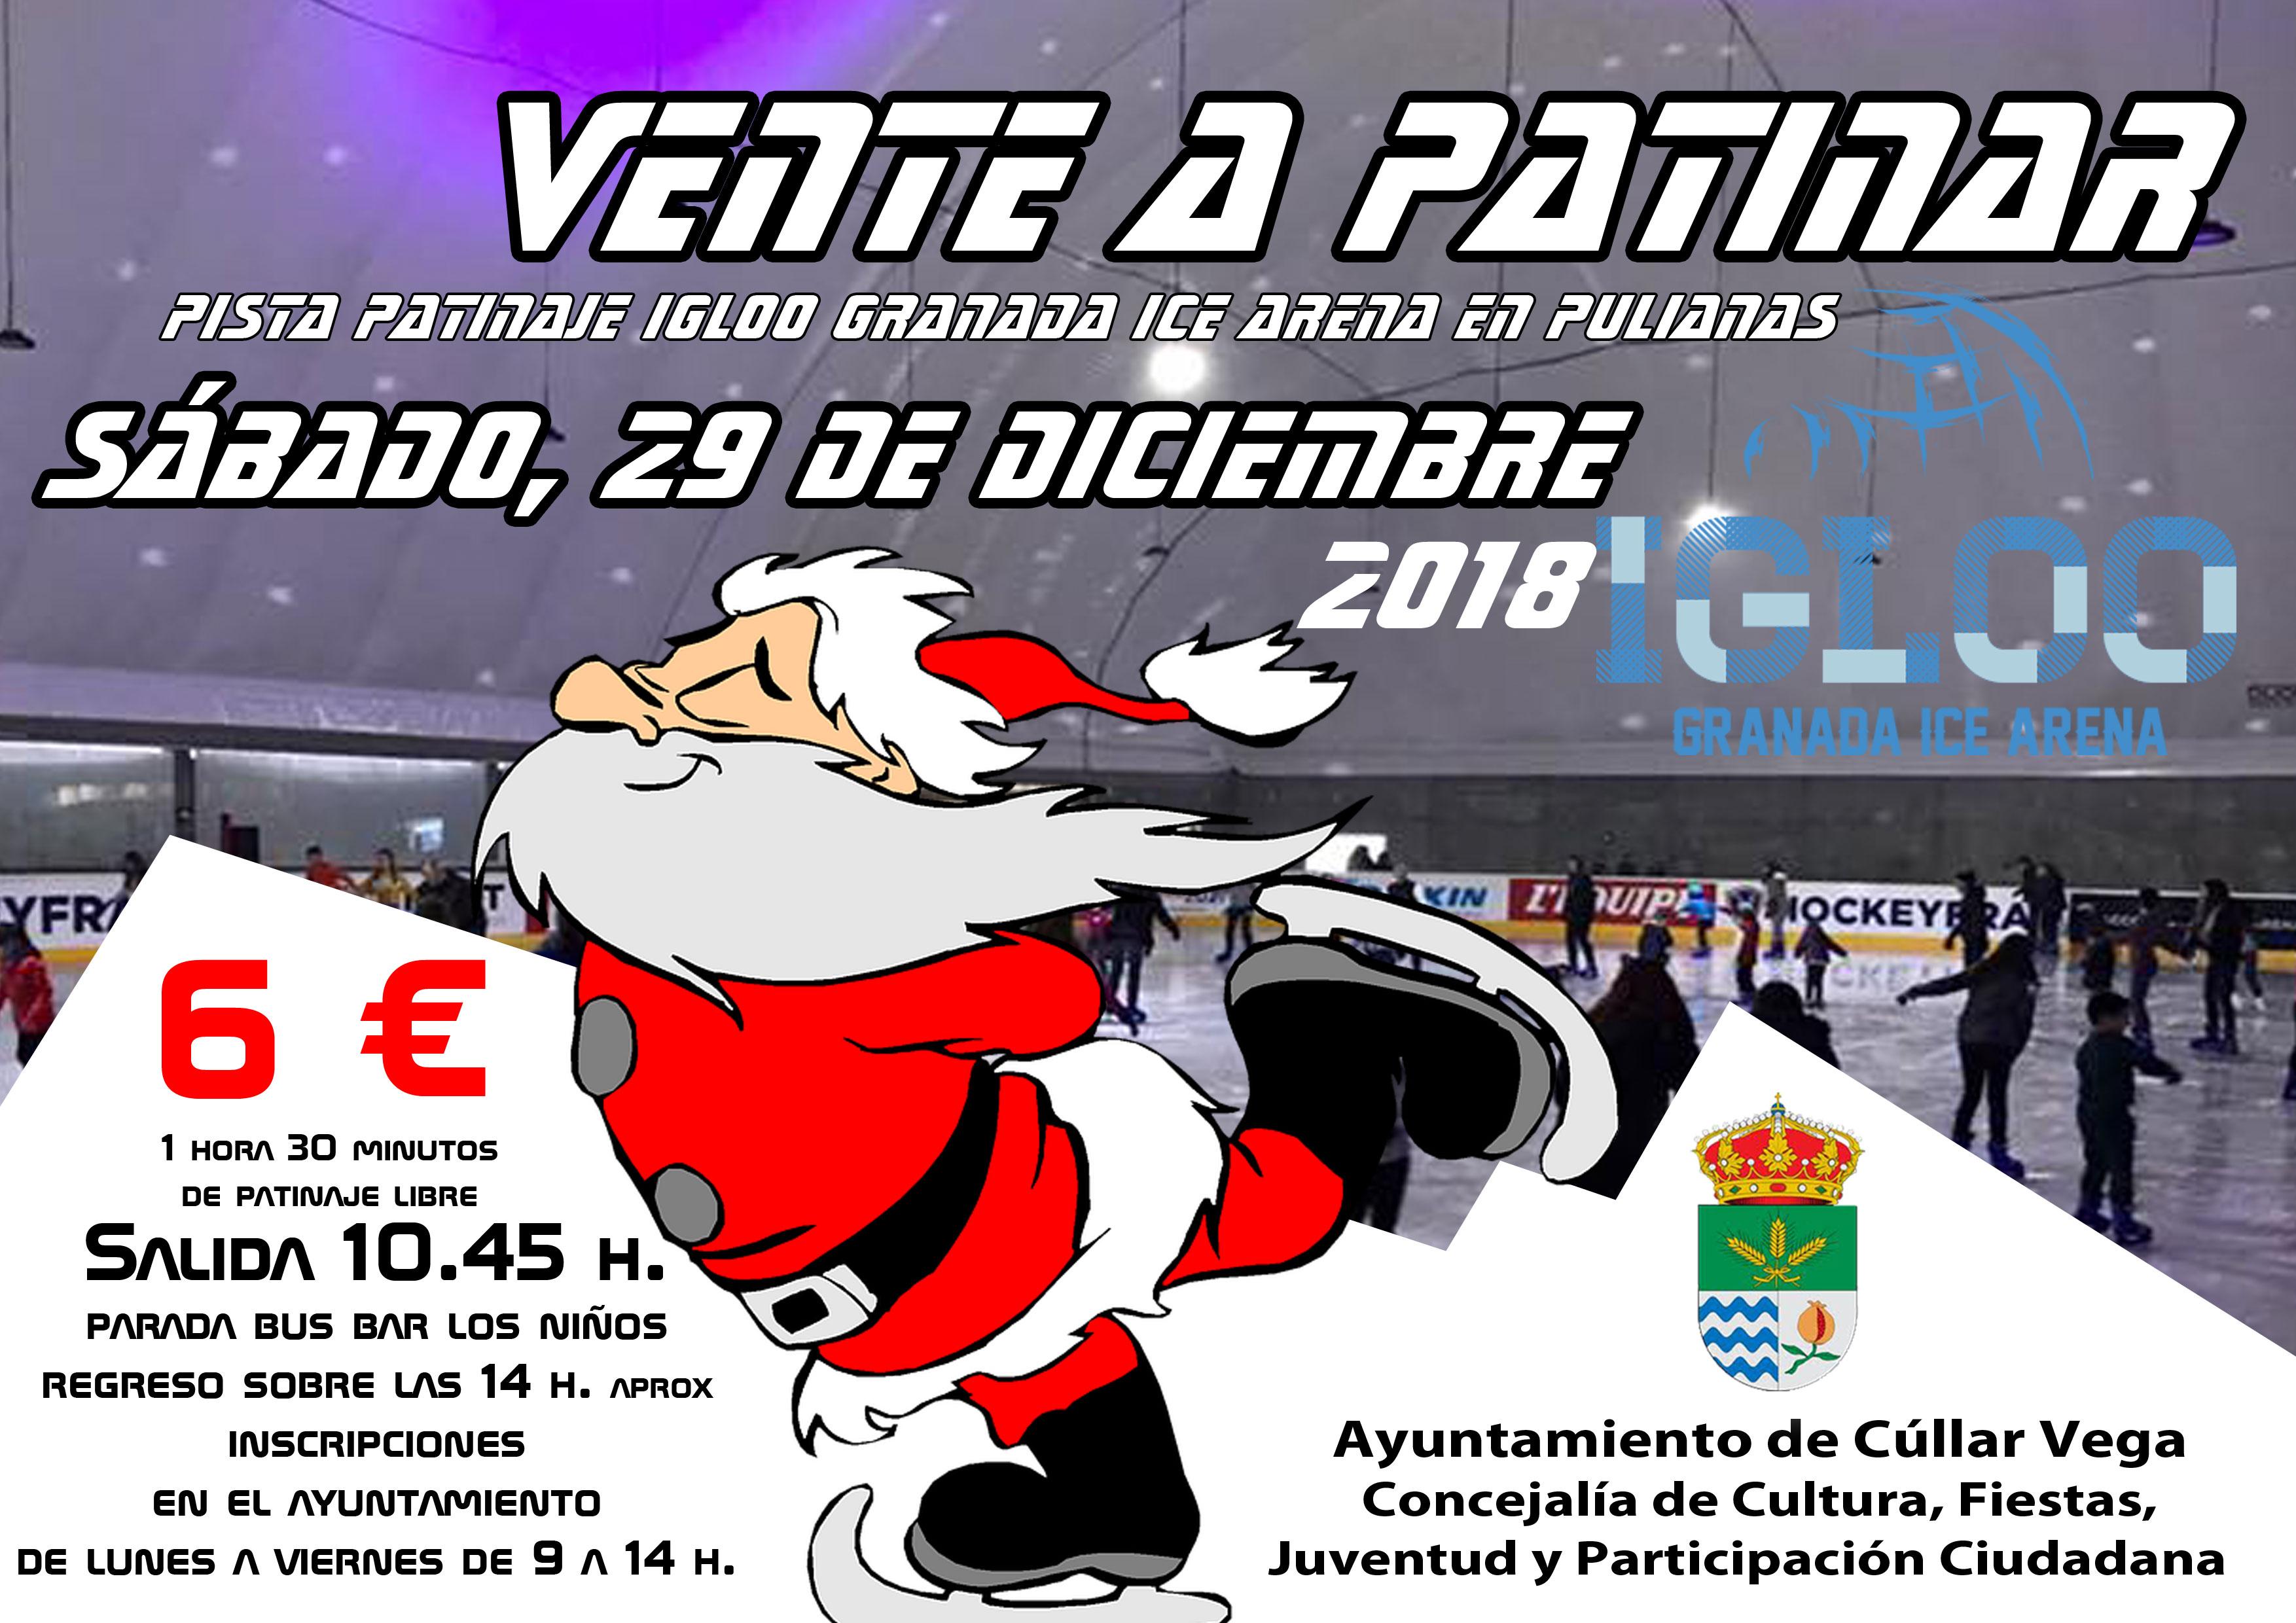 Vente a patinar a Igloo Granada de Pulianas